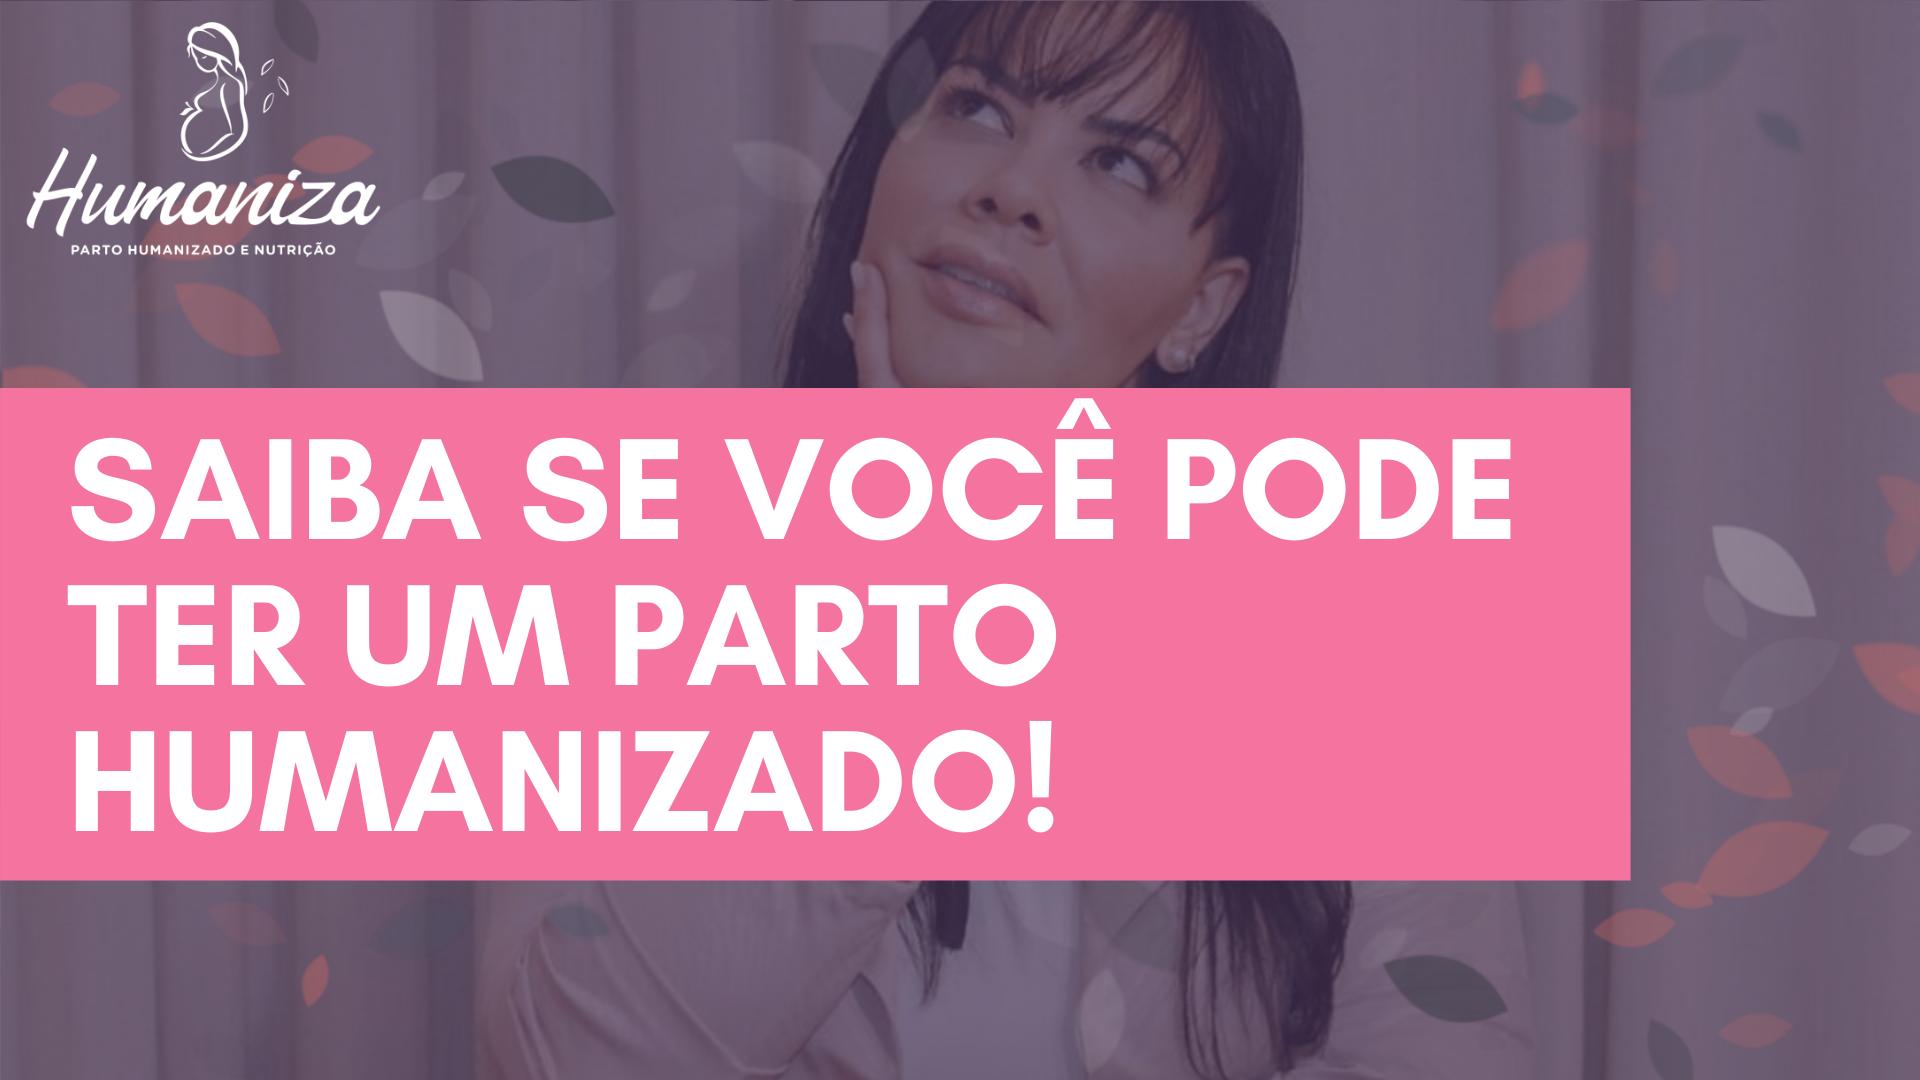 Saiba se você pode ter um parto humanizado - Melissa Martinelli - Humaniza Brasília - DF